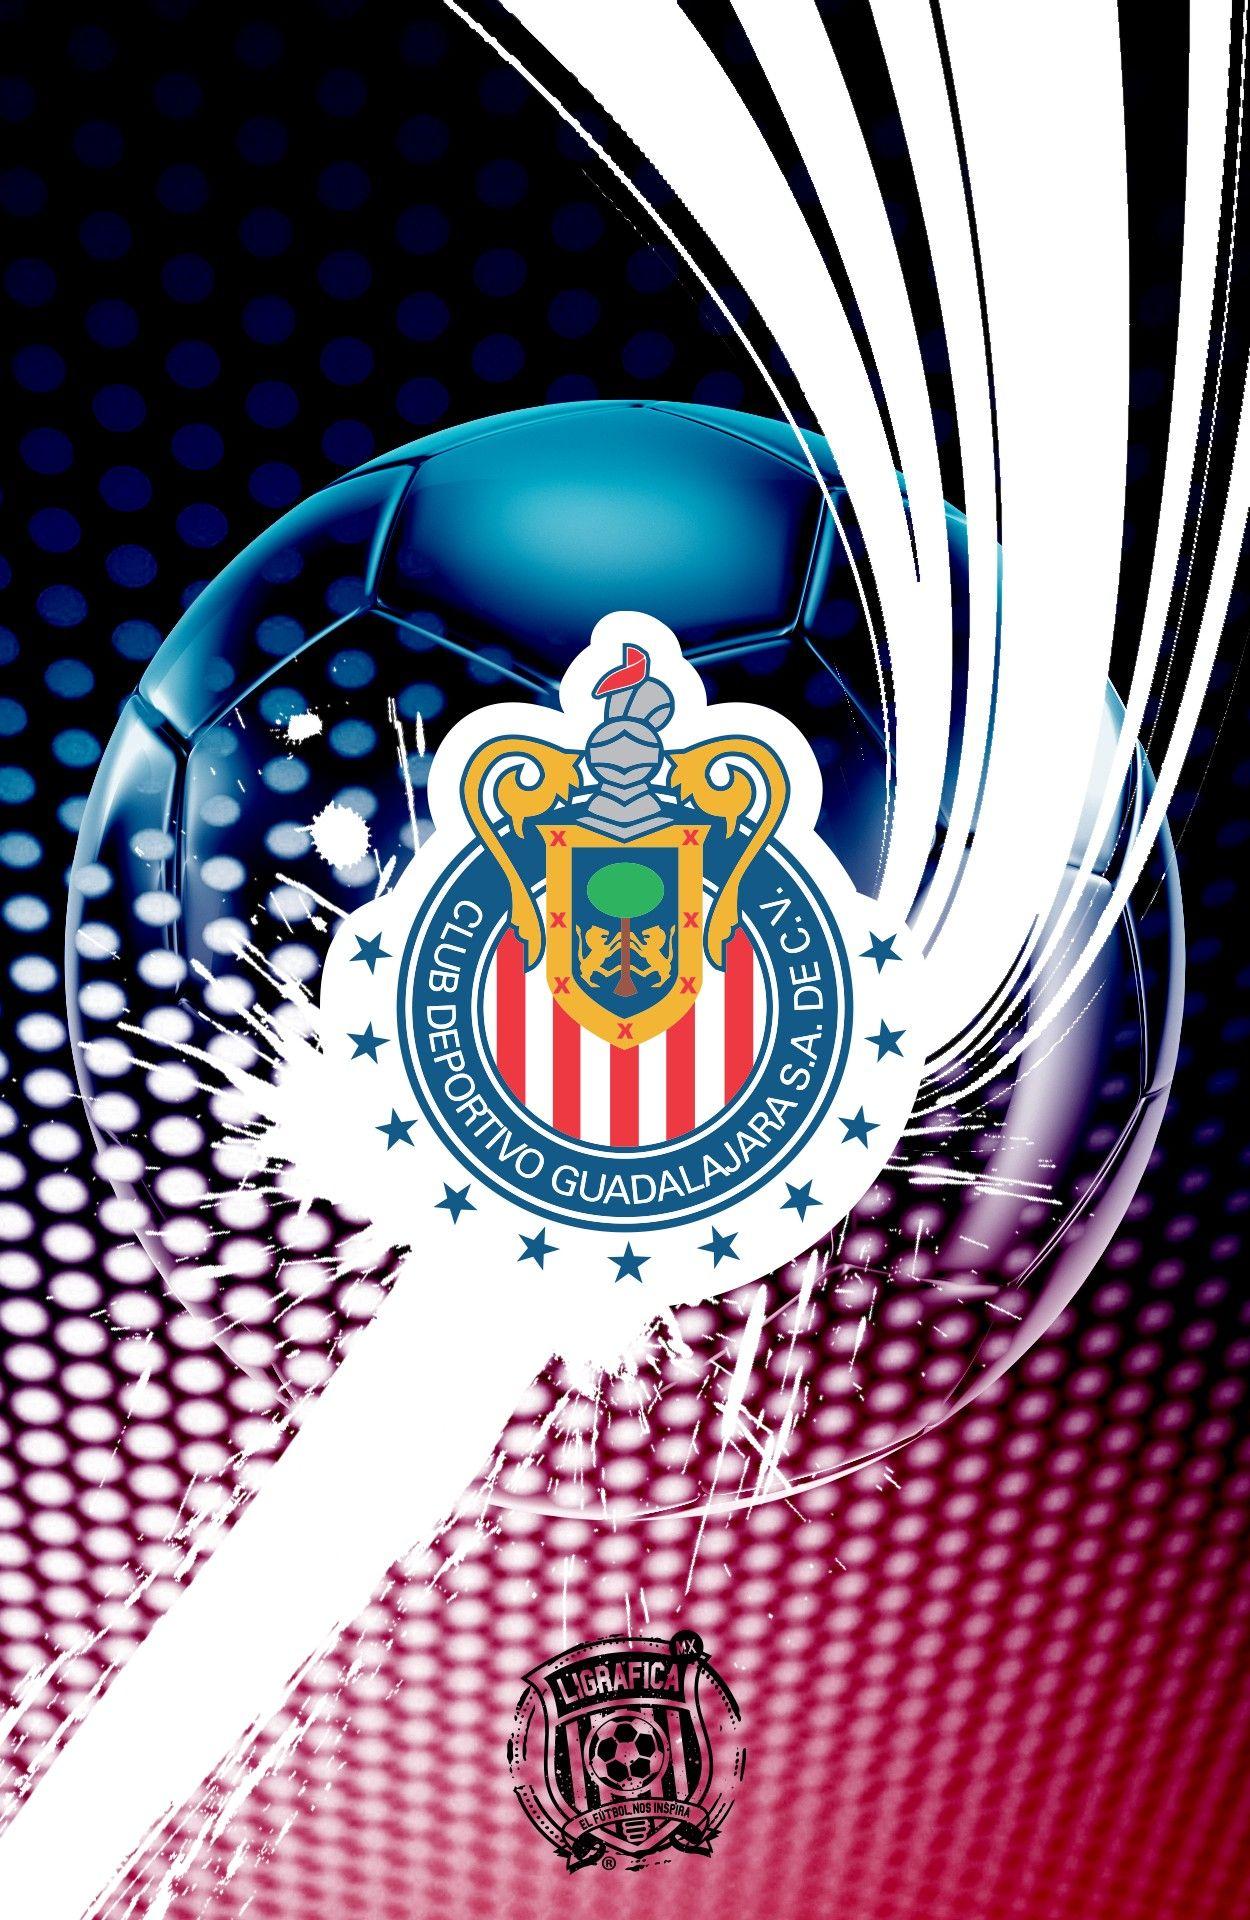 Pin by Emmanuel Padilla on Chivas in 2020 Chivas soccer